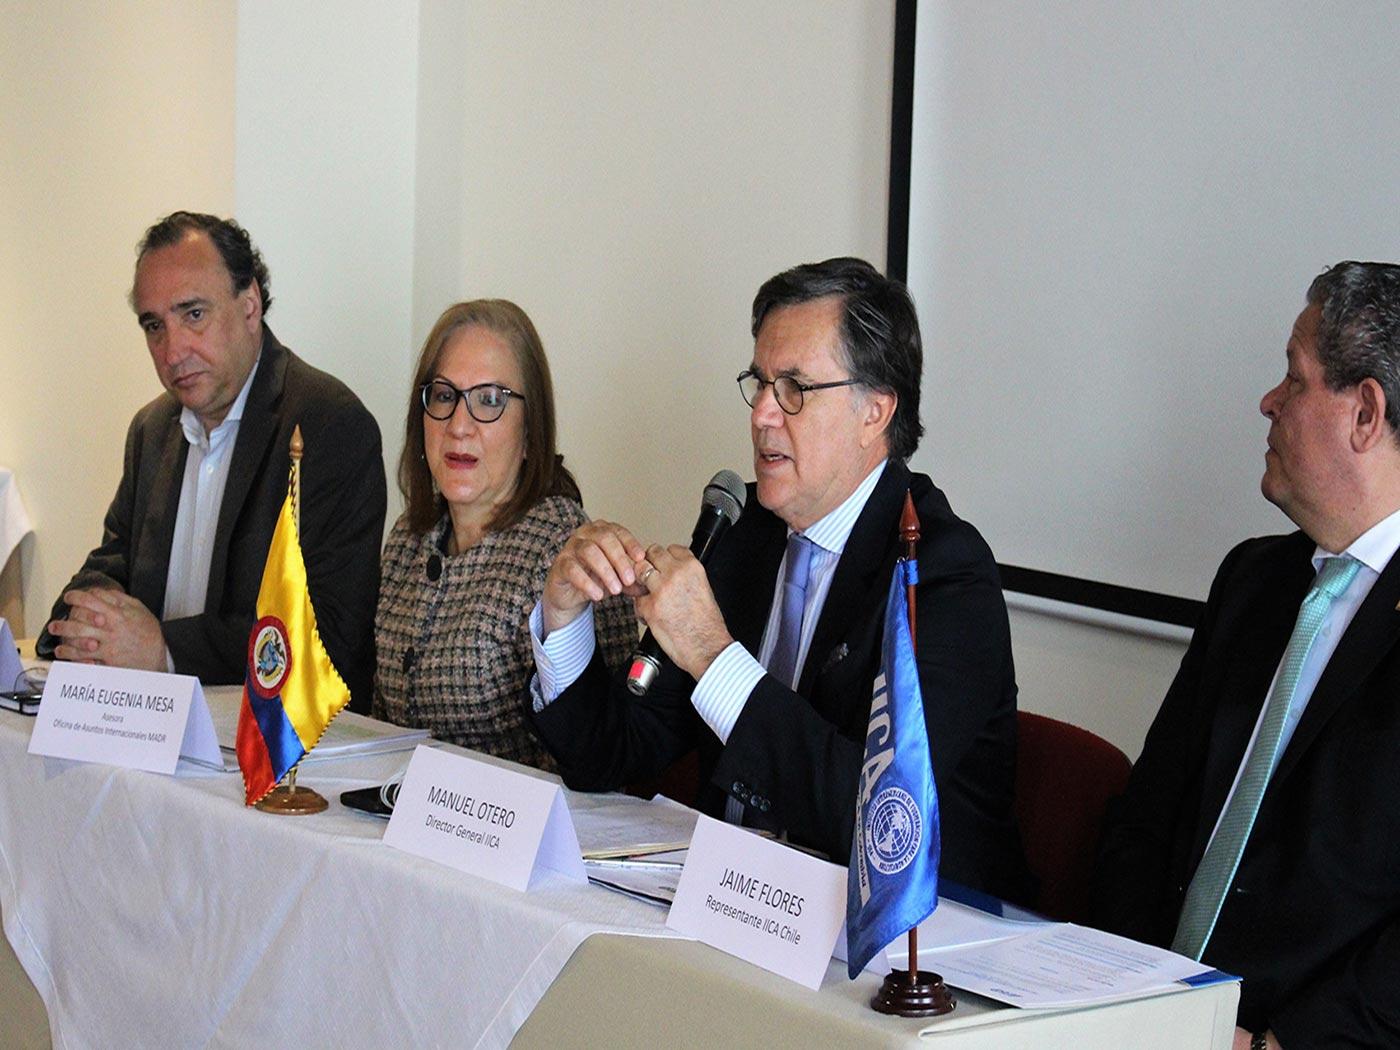 Líderes agroempresariales de Colombia, Chile, Ecuador, México y Perú debaten oportunidades y respaldan creación de foro subregional de ministros de Agricultura